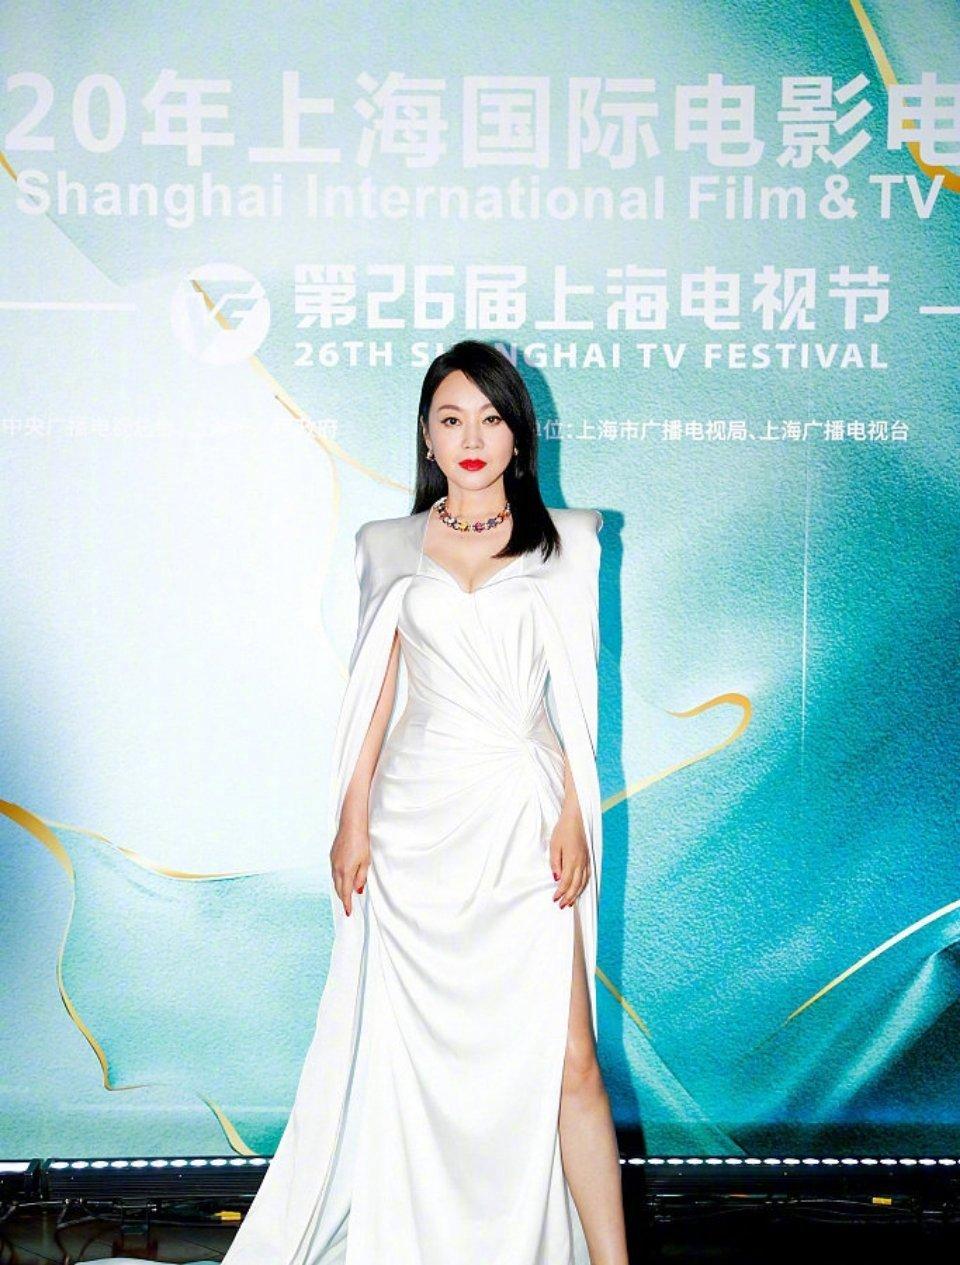 恭喜闫妮凭借《少年派》王胜男一角获得最佳女主角奖